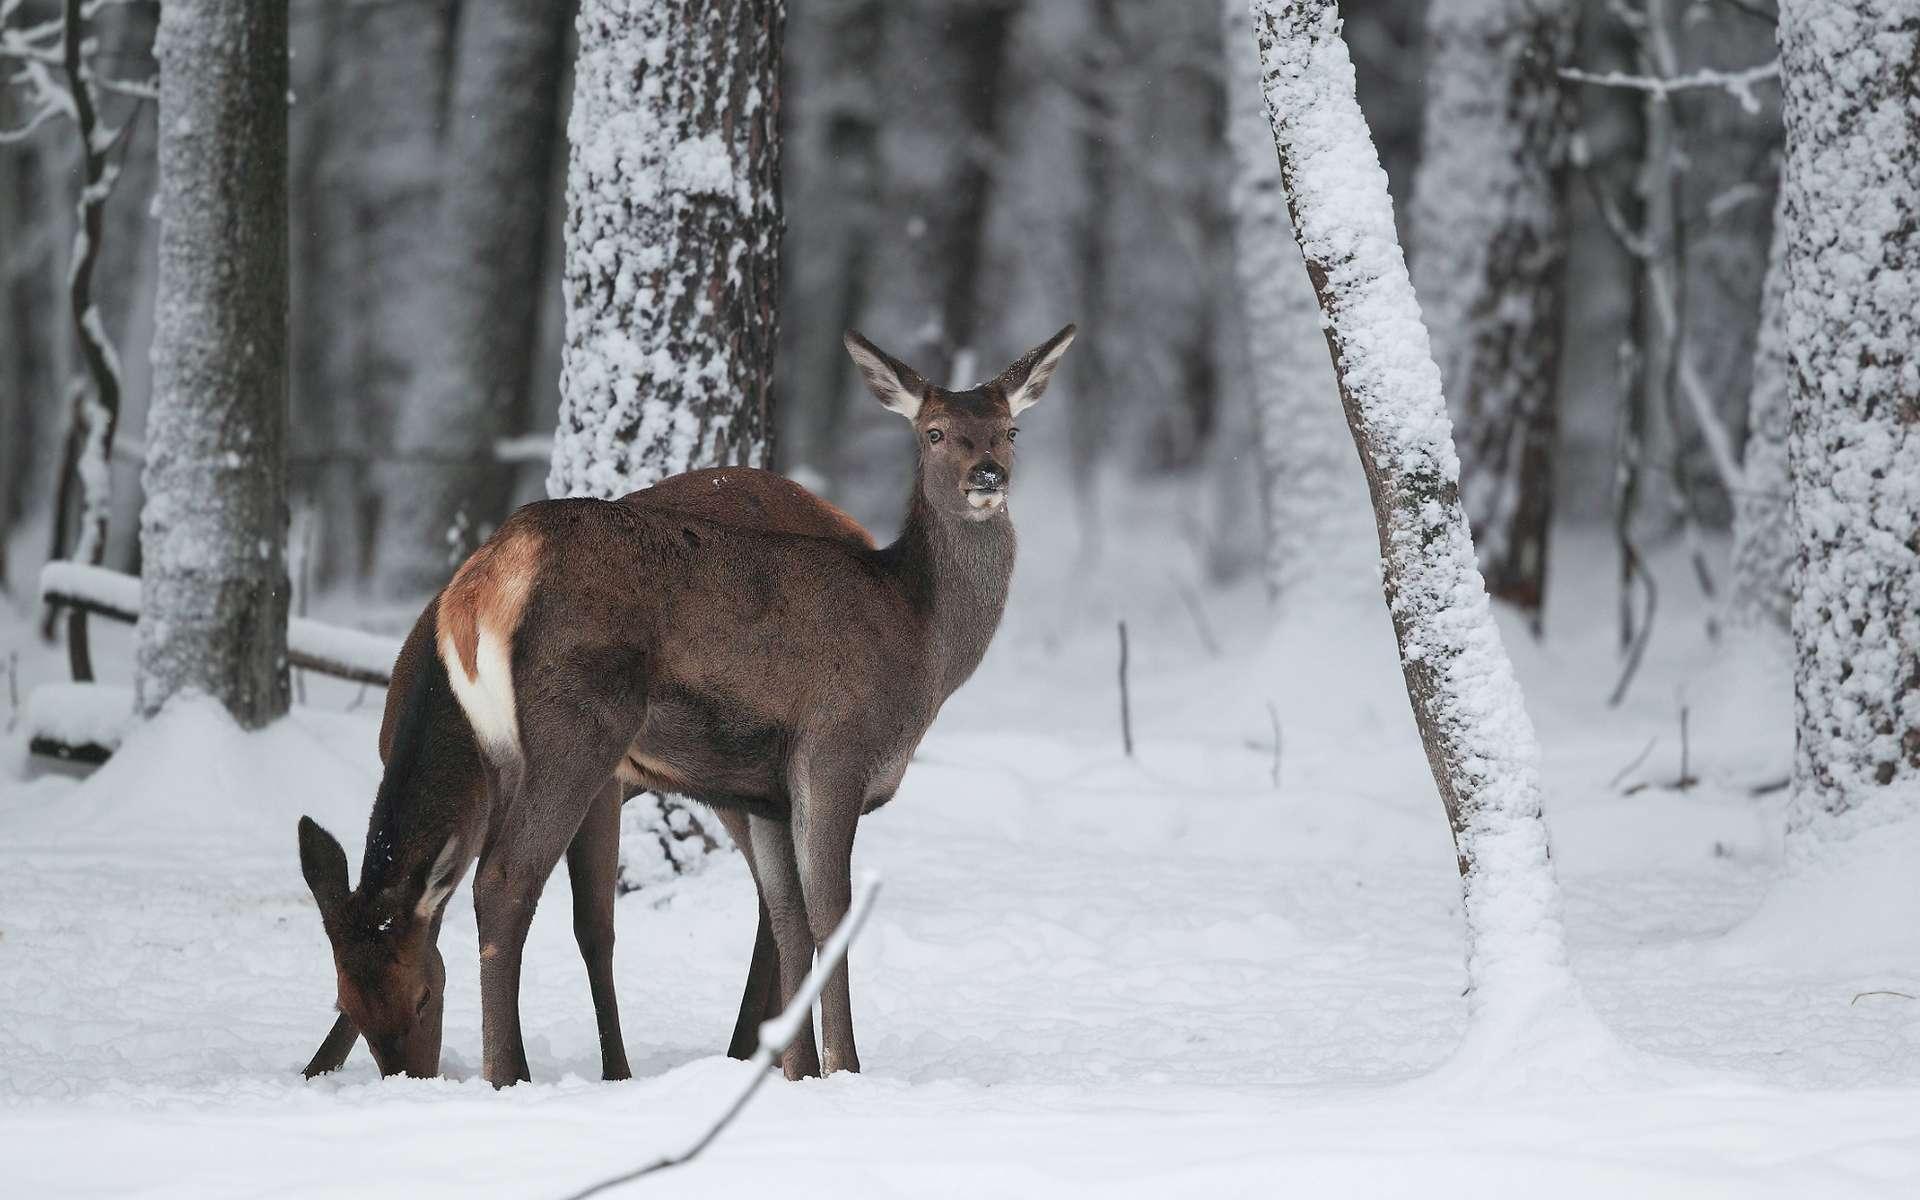 Même quand il fait froid, les mammifères doivent maintenir une température corporelle élevée par thermogenèse. © KACHALKIN OLEG, Shutterstock